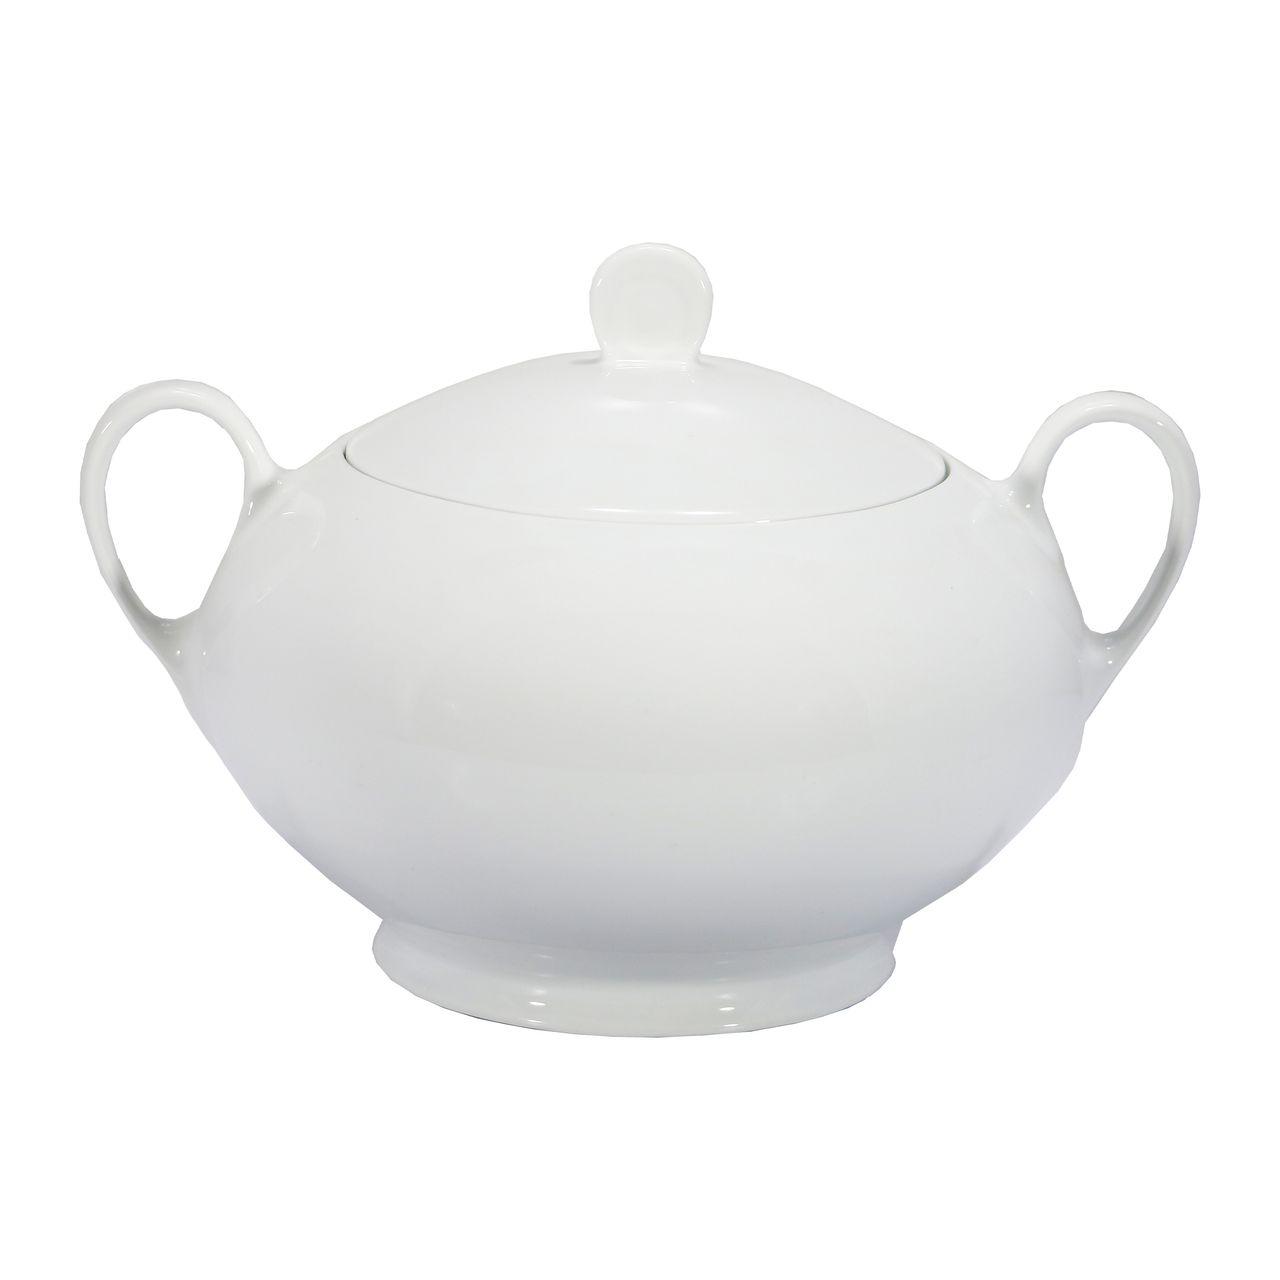 سوپ خوری چینی زرین مدل ایتالیا کد 1120